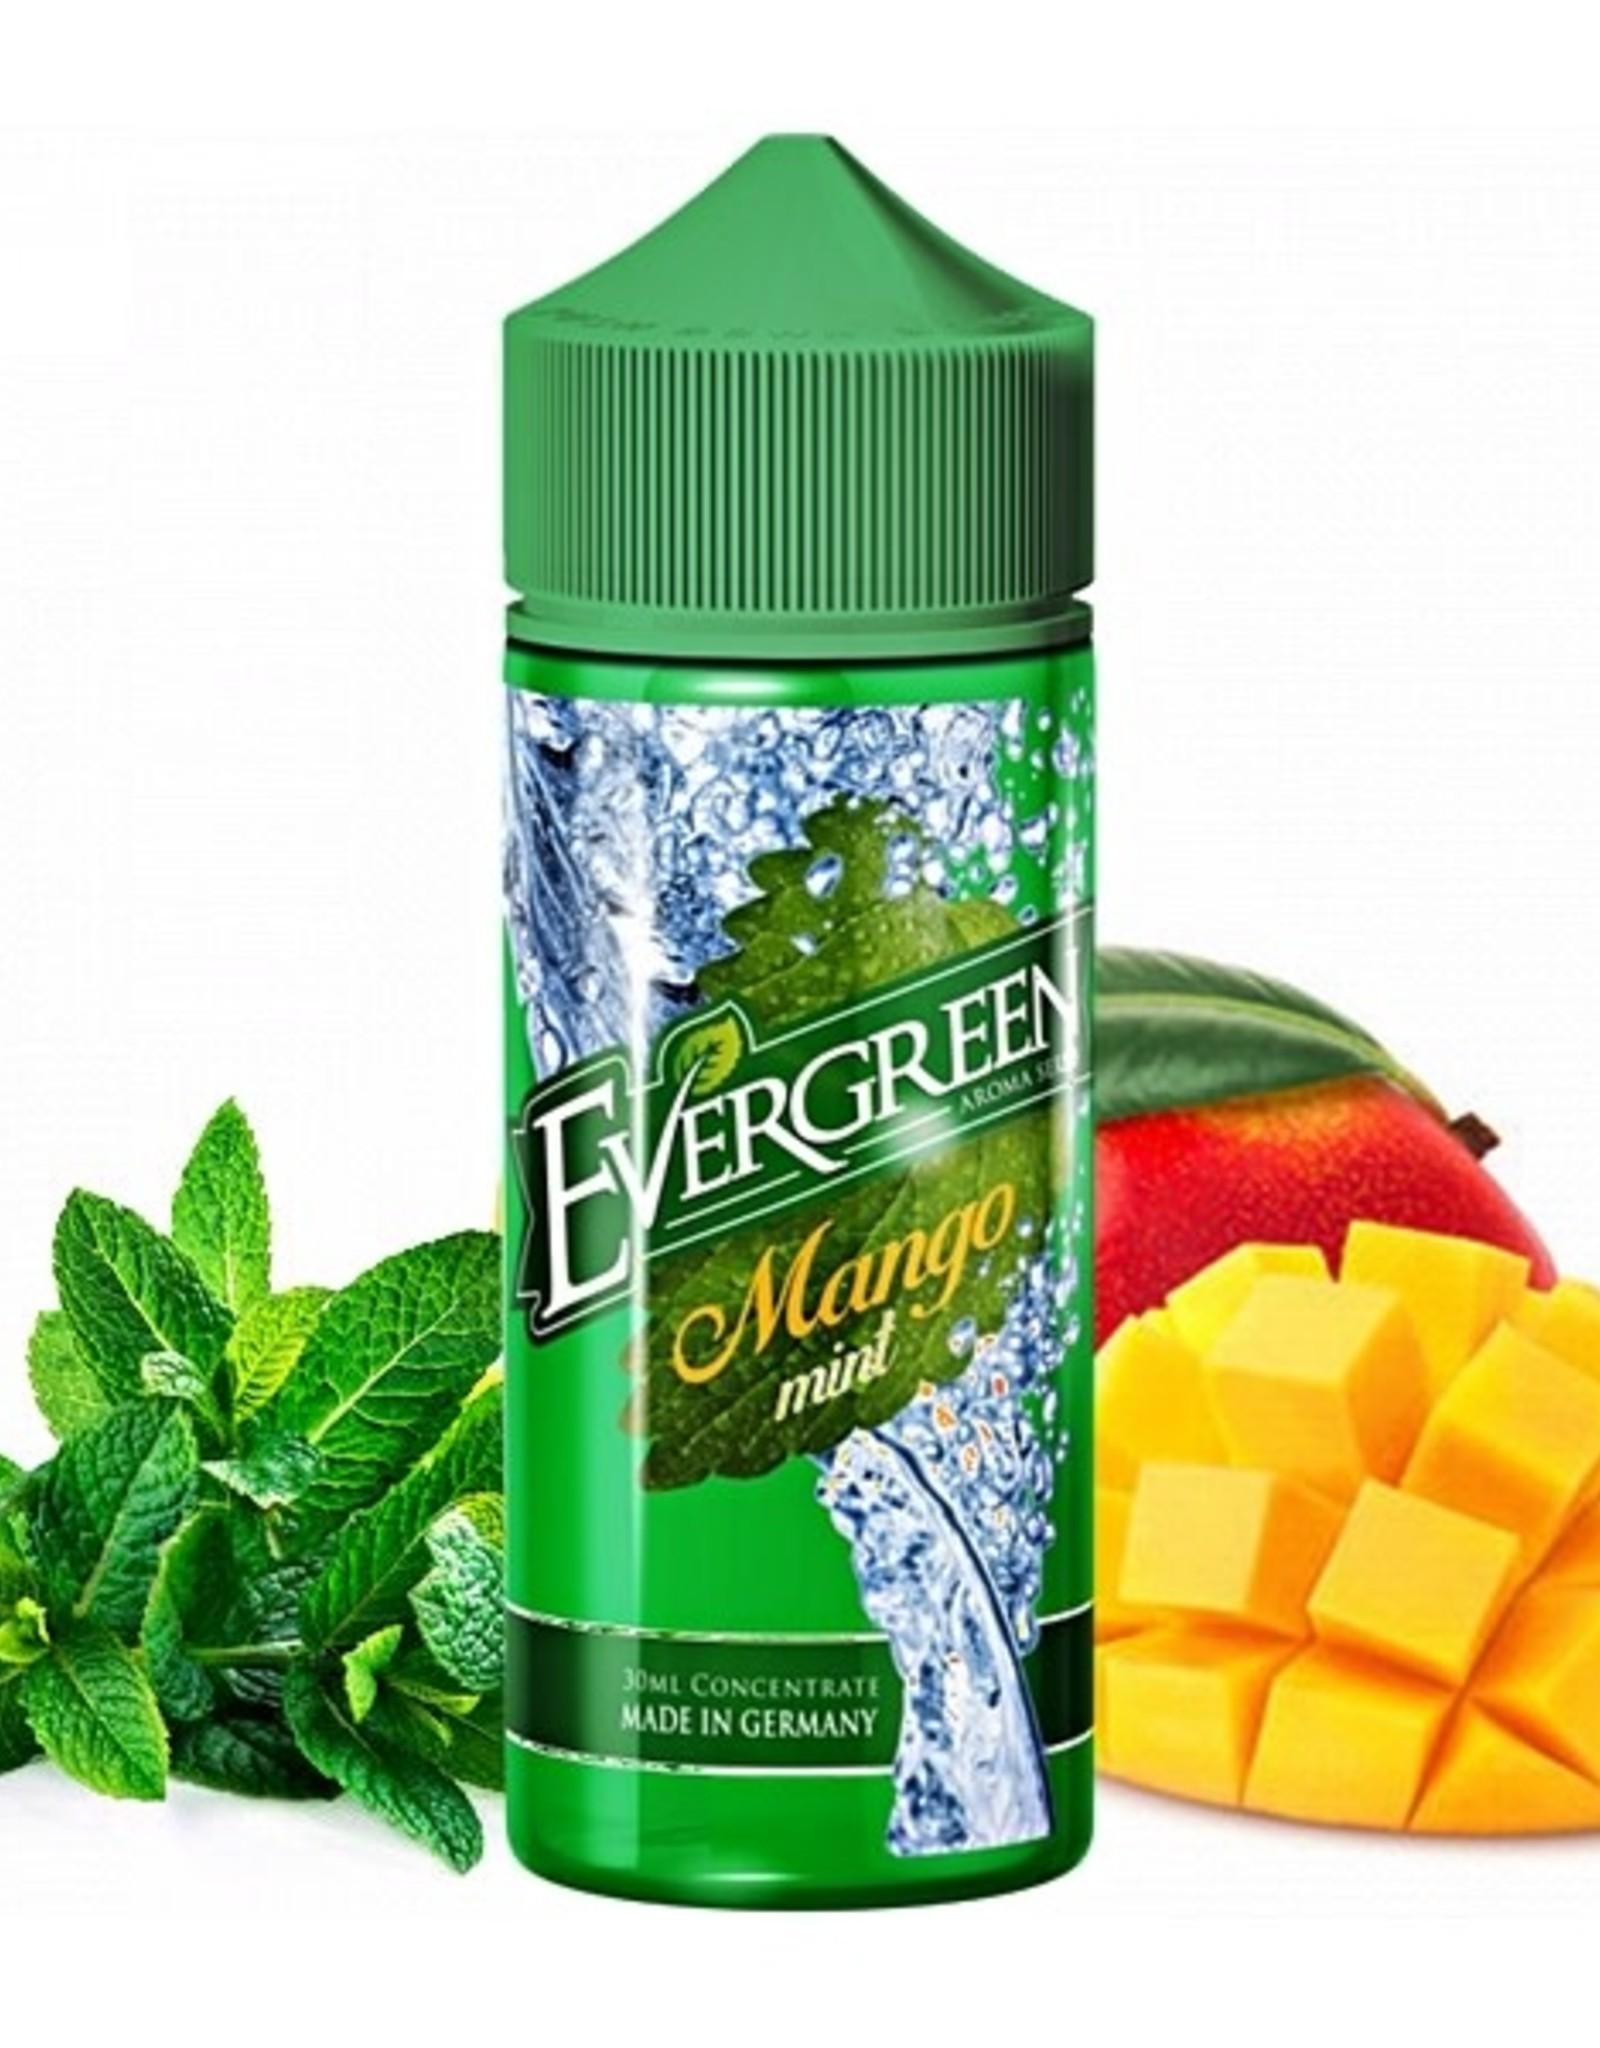 Ever Green EverGreen - Mango Mint 30ml